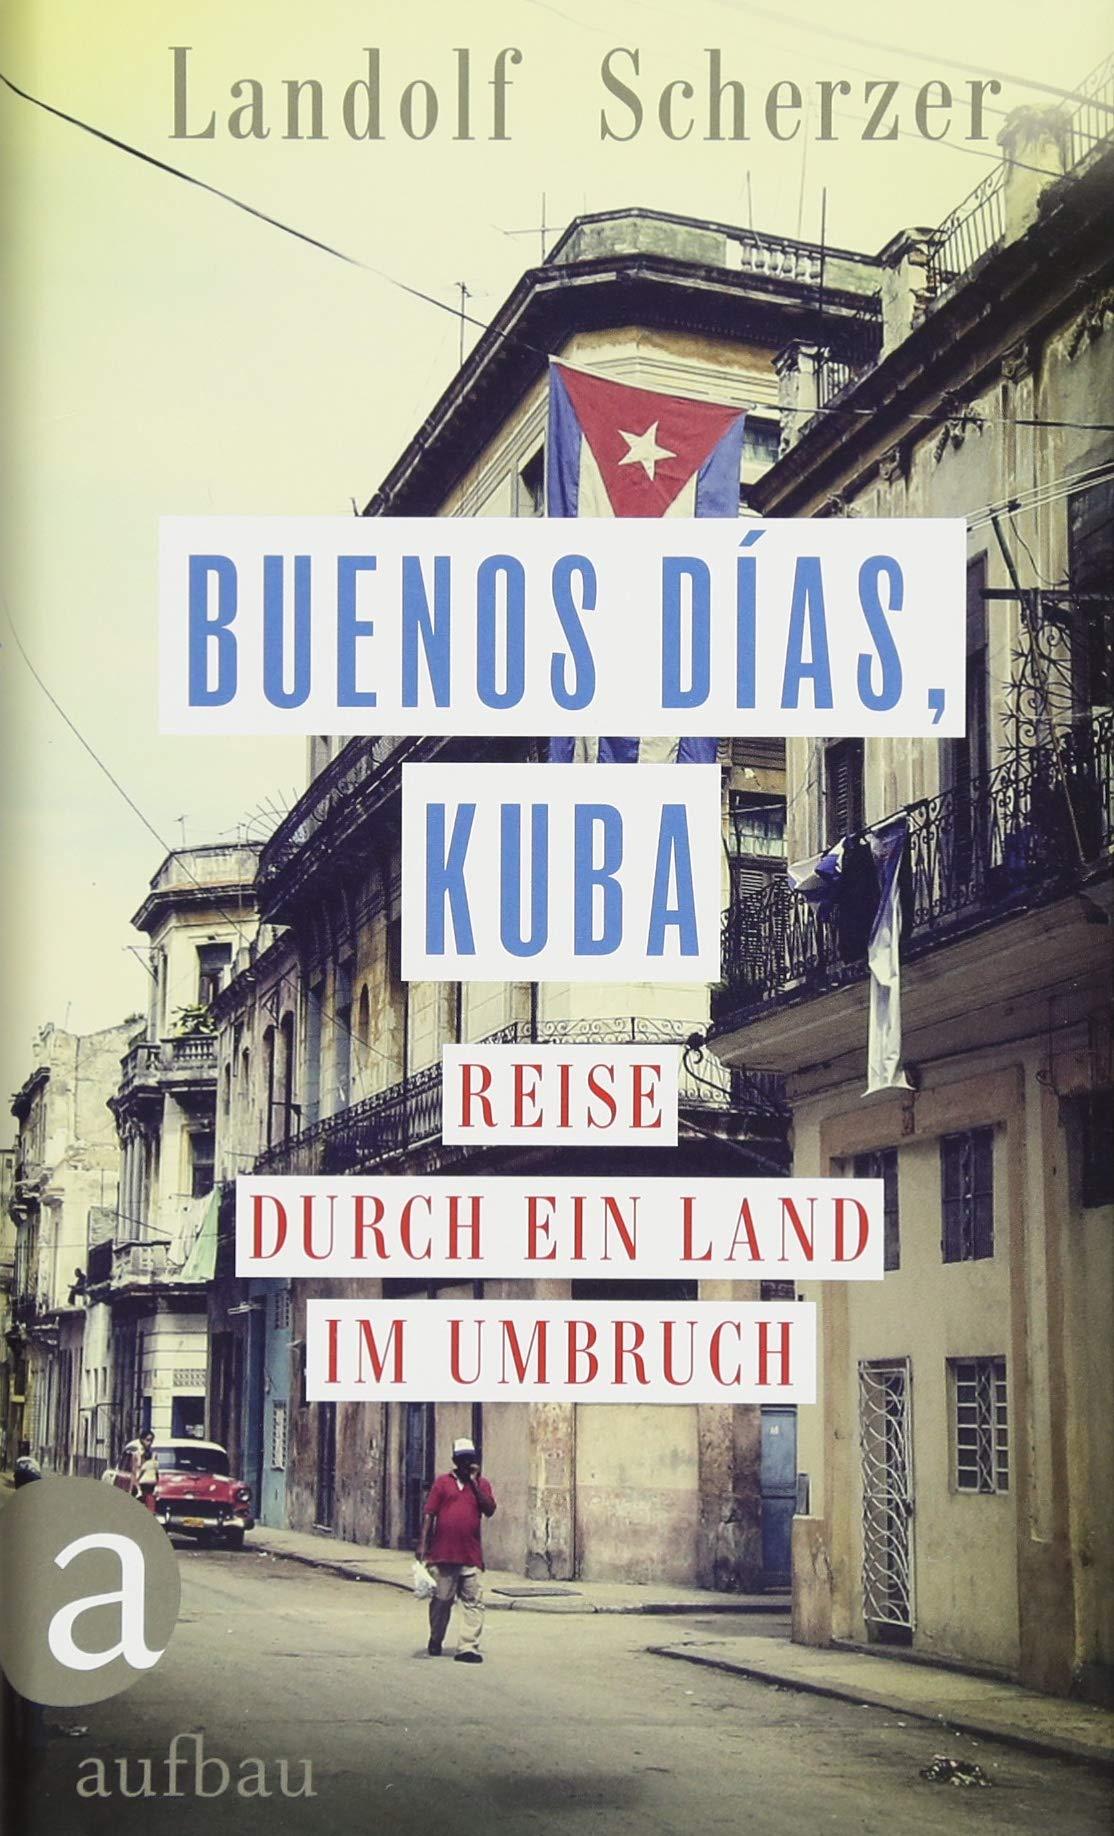 buenos-das-kuba-reise-durch-ein-land-im-umbruch